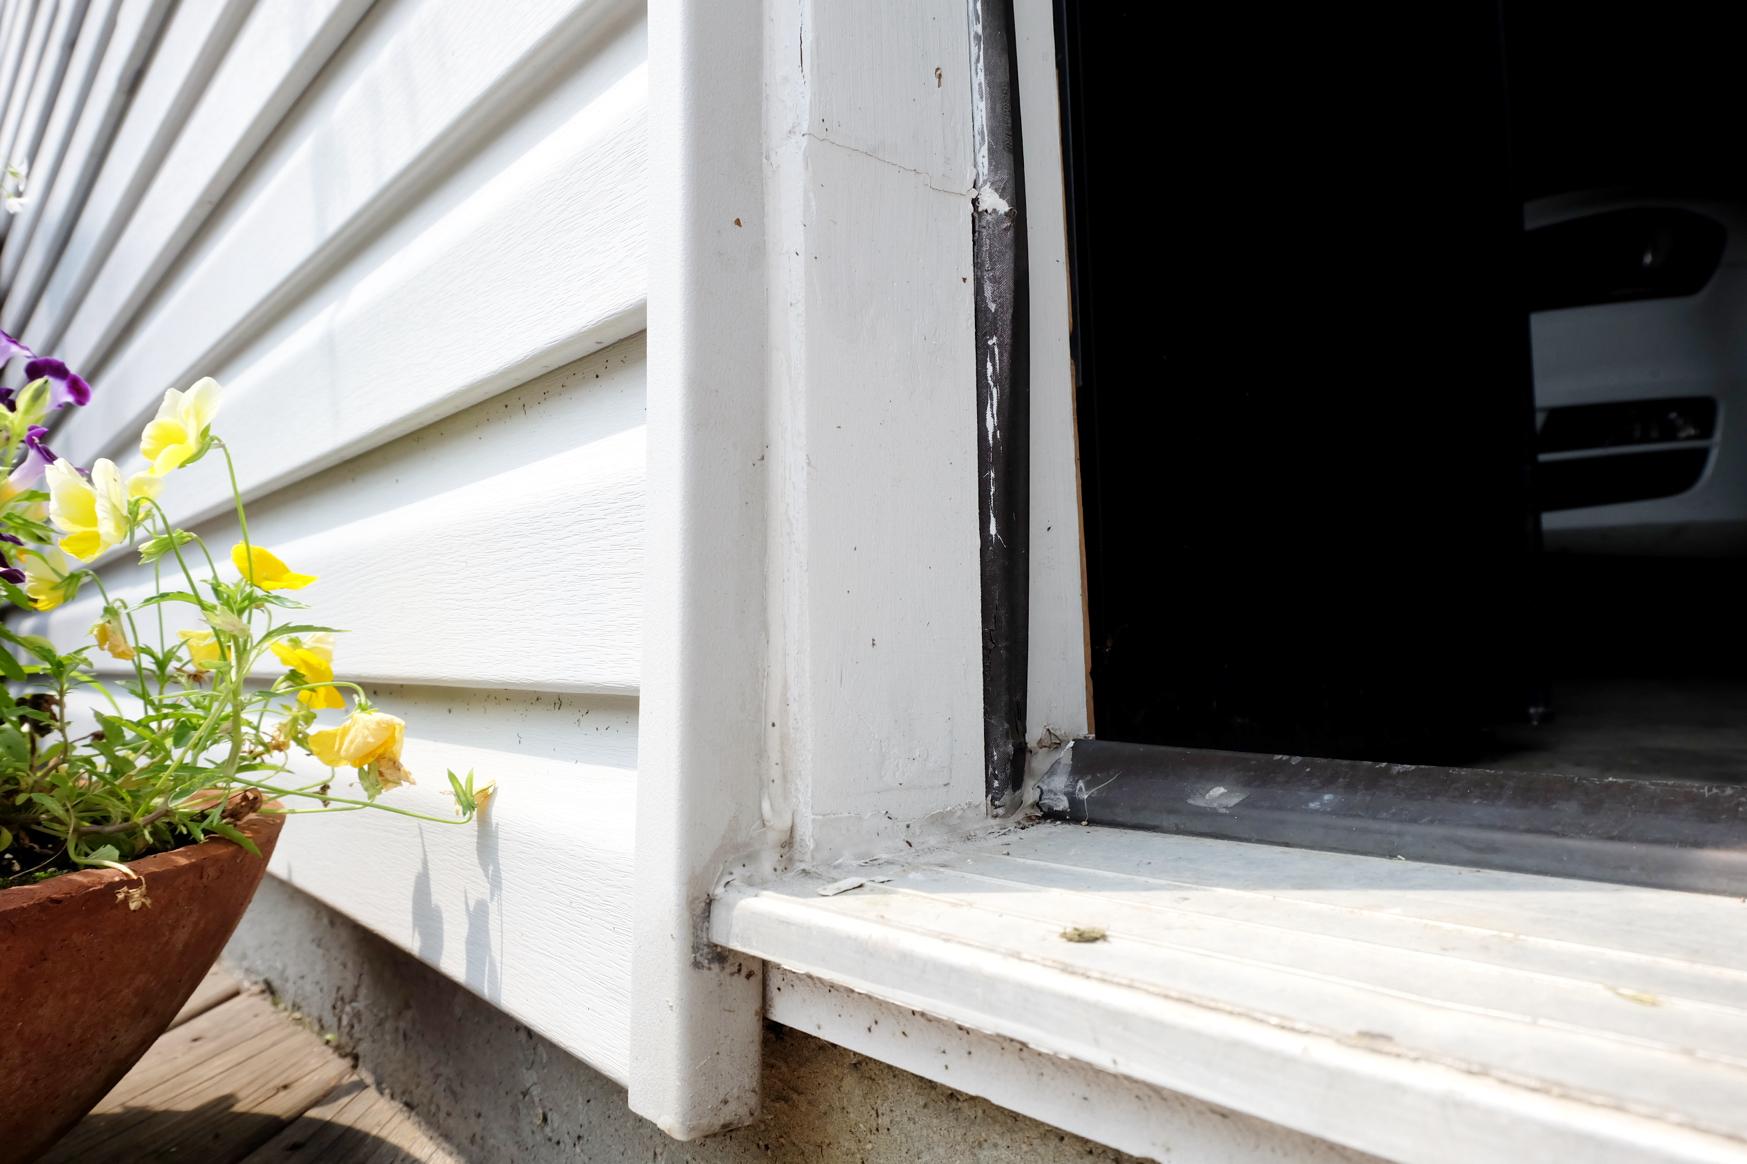 repaired doorway frame